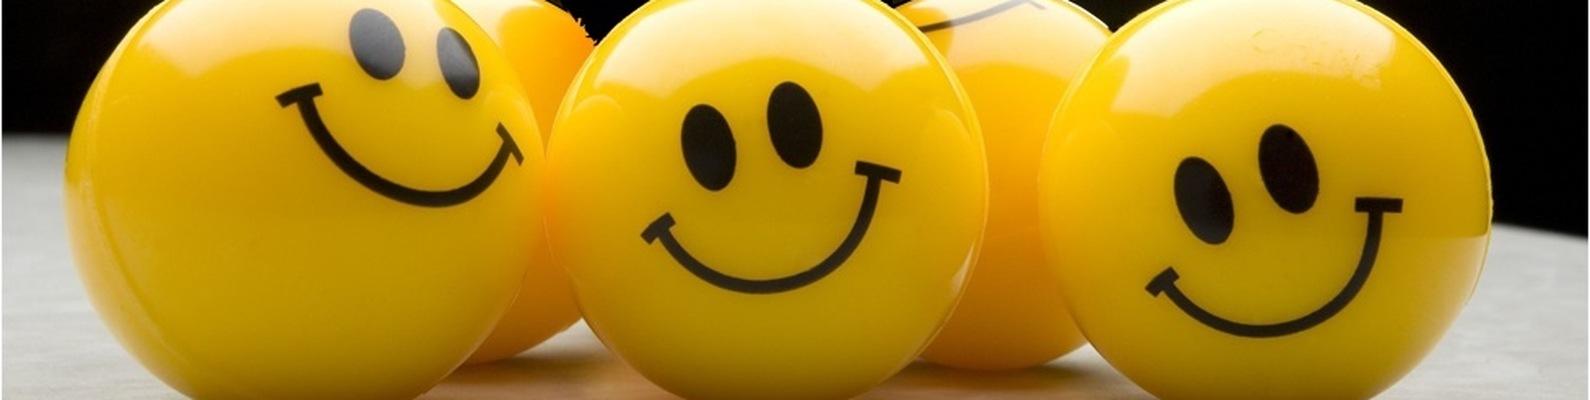 новости лови позитивчик и улыбайся анимация чувствуешь